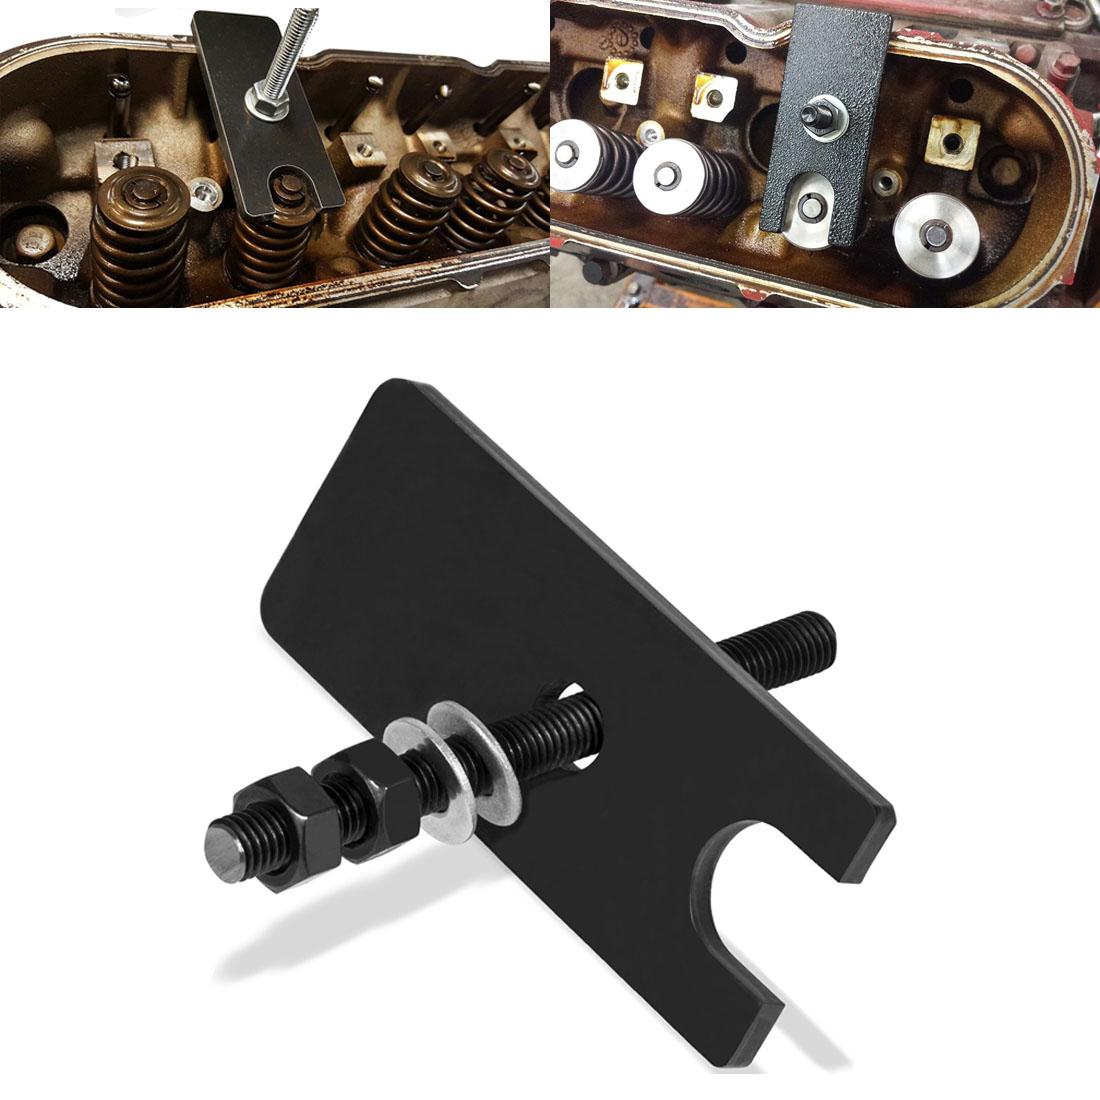 GM LS1 LS2 LS3 LS6 LS7 LS9 LSA clutch alignment tool